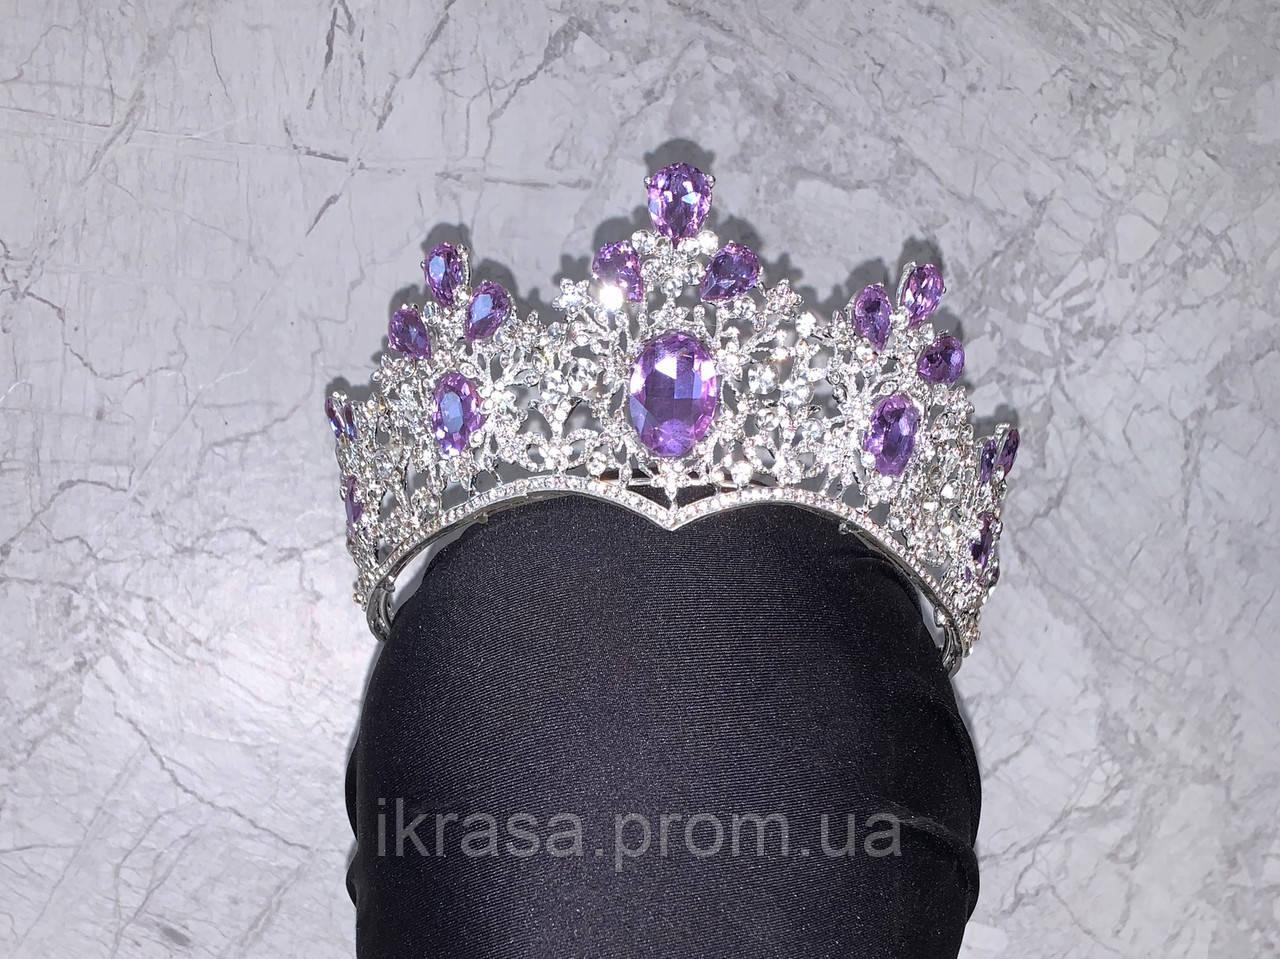 Висока корона півколом срібного кольору з фіолетовим камінням (8cm)